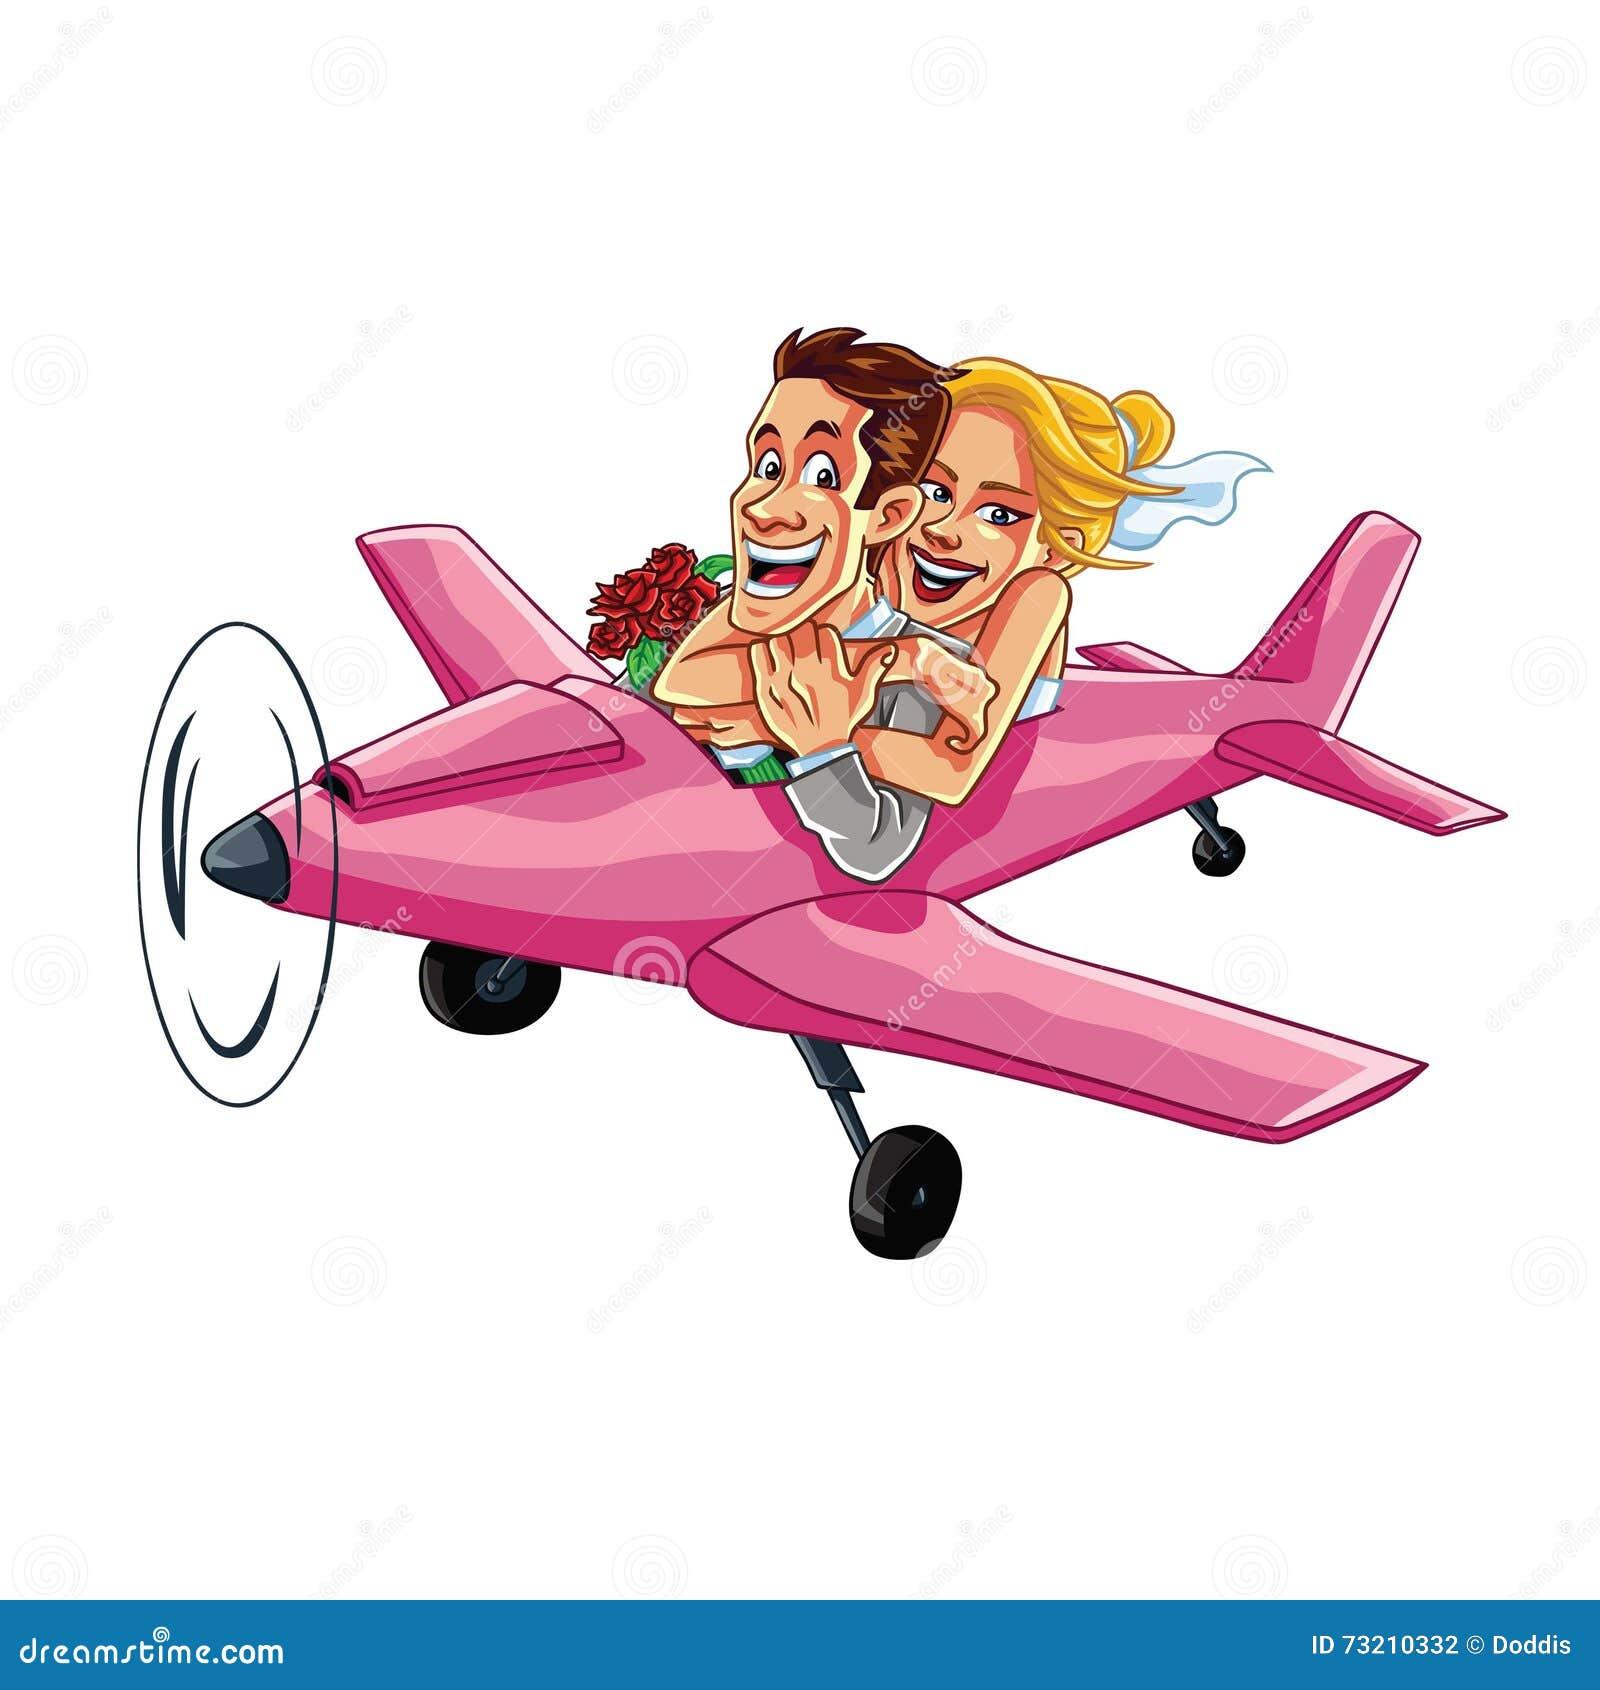 Precis gift par som rider en rosa nivå på en vektor för bröllopsresaturtecknad film